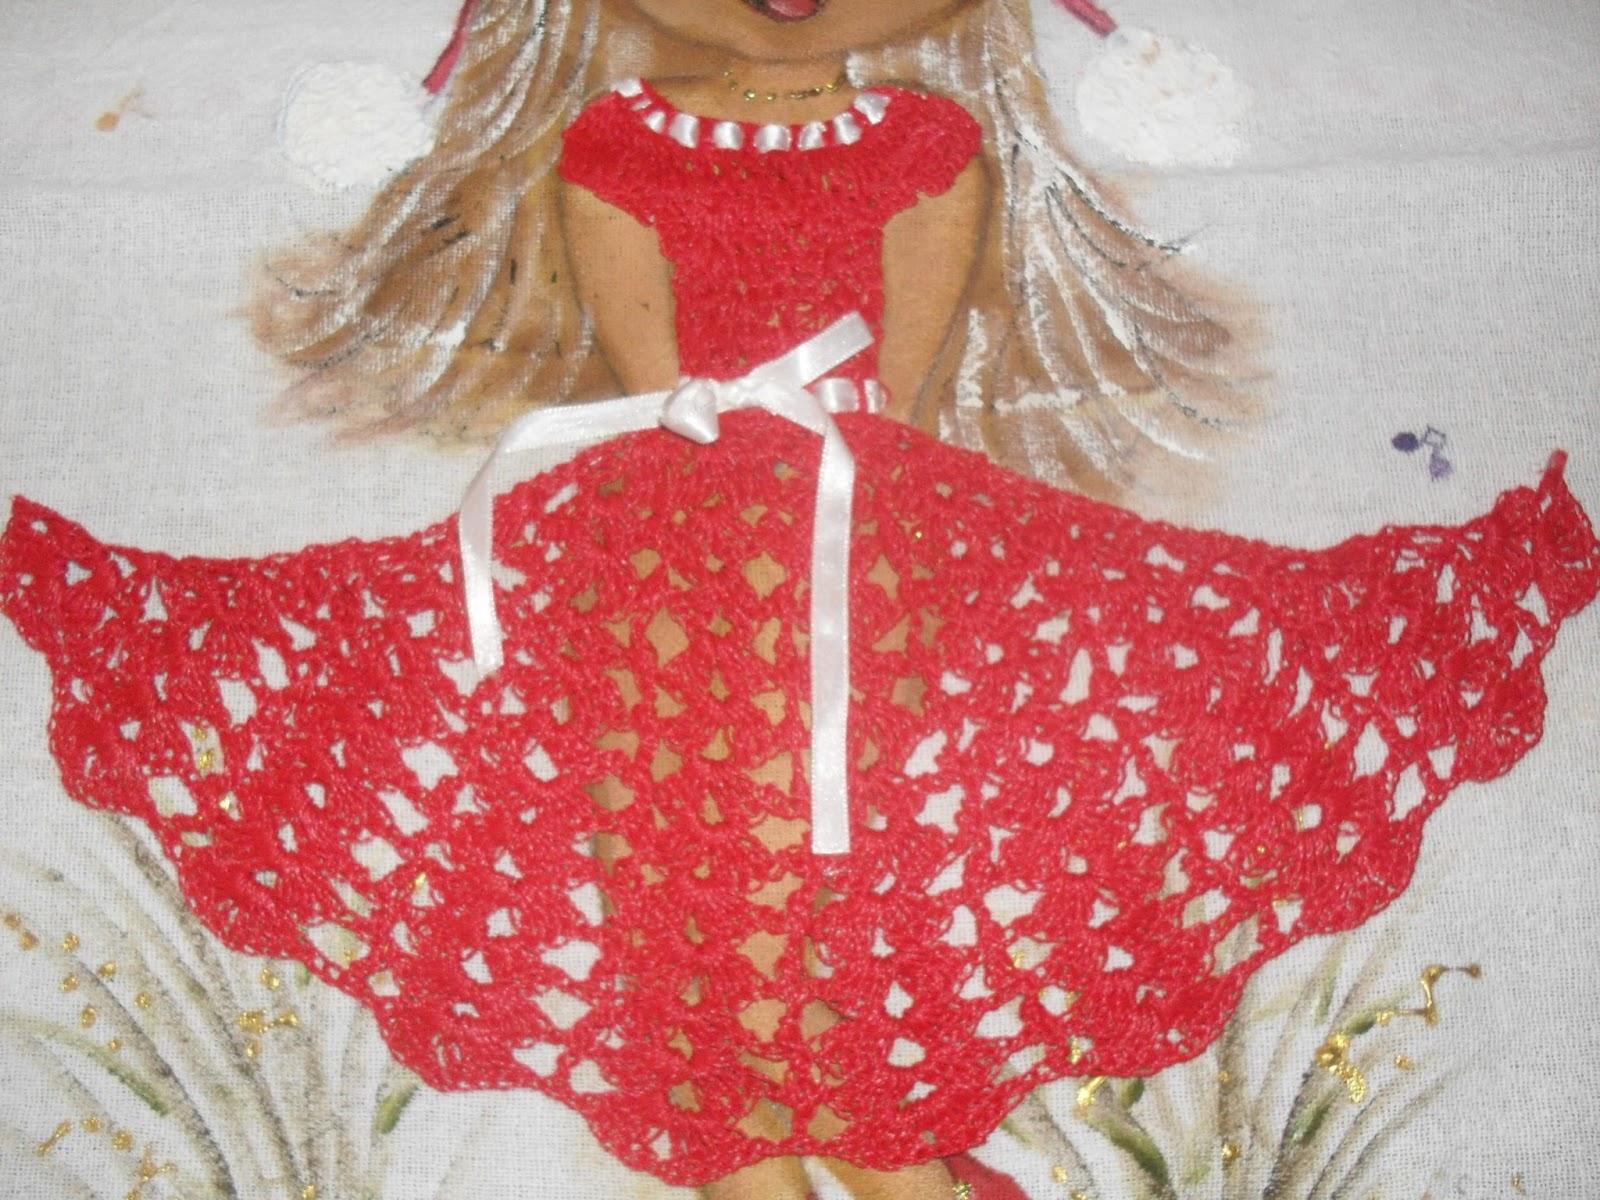 Favoritos Rosartes: panos de prato com bonecas de croche, GU57